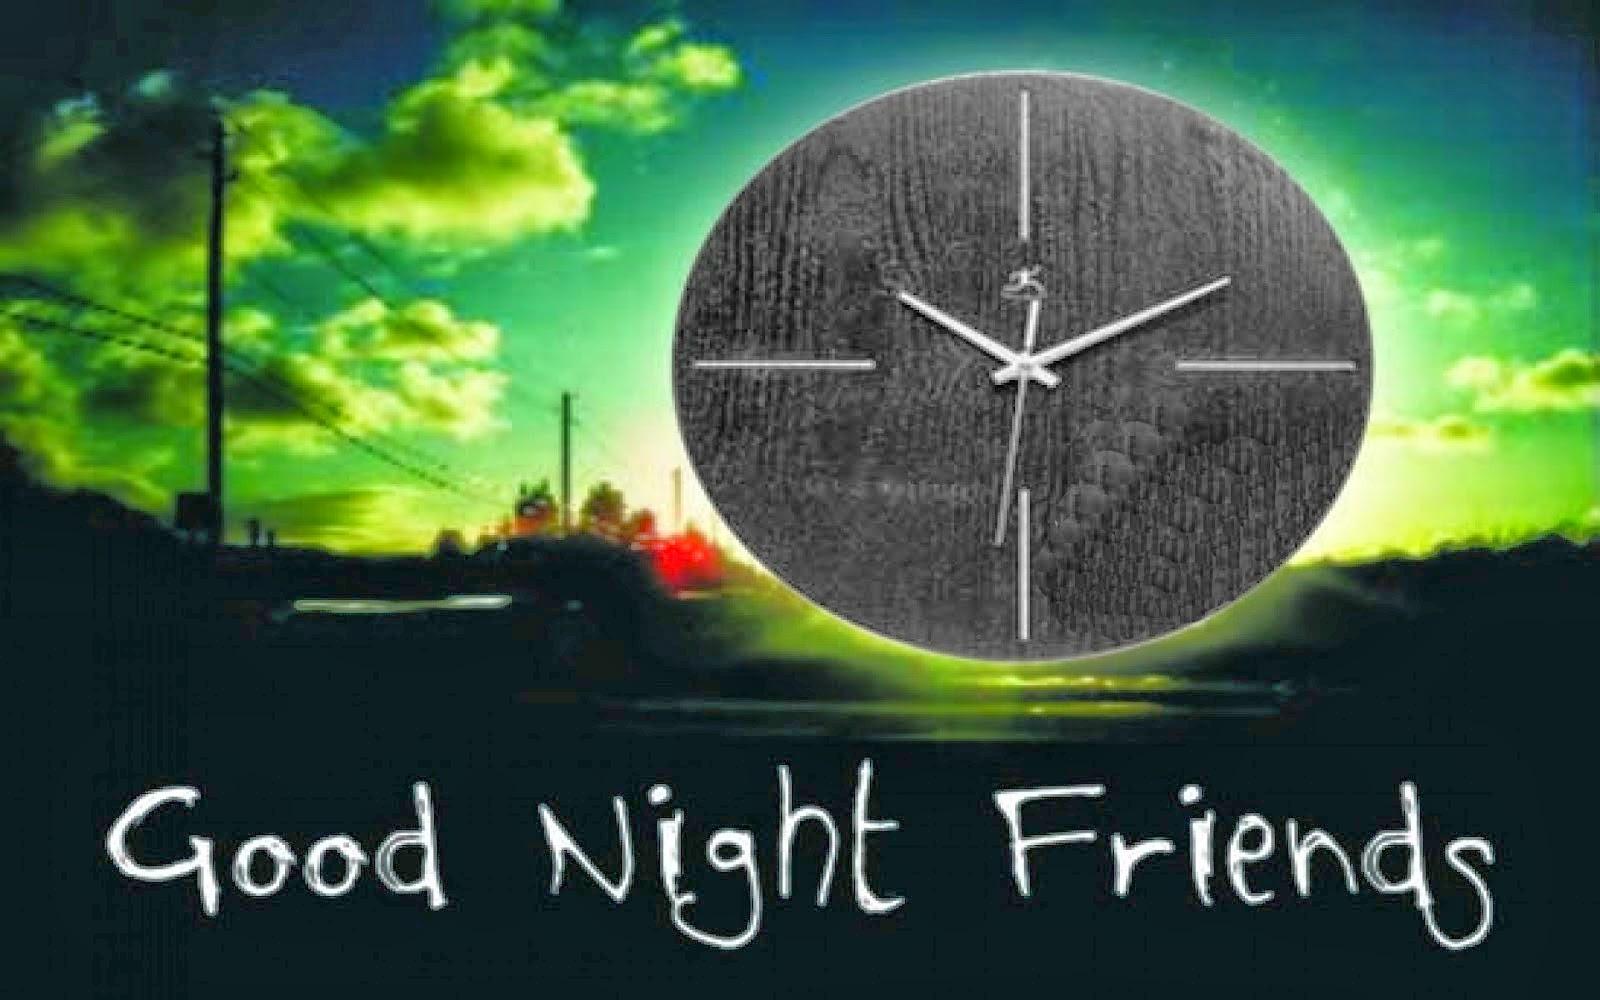 بالصور اجمل مساء , صور جميله للمساء 6014 3